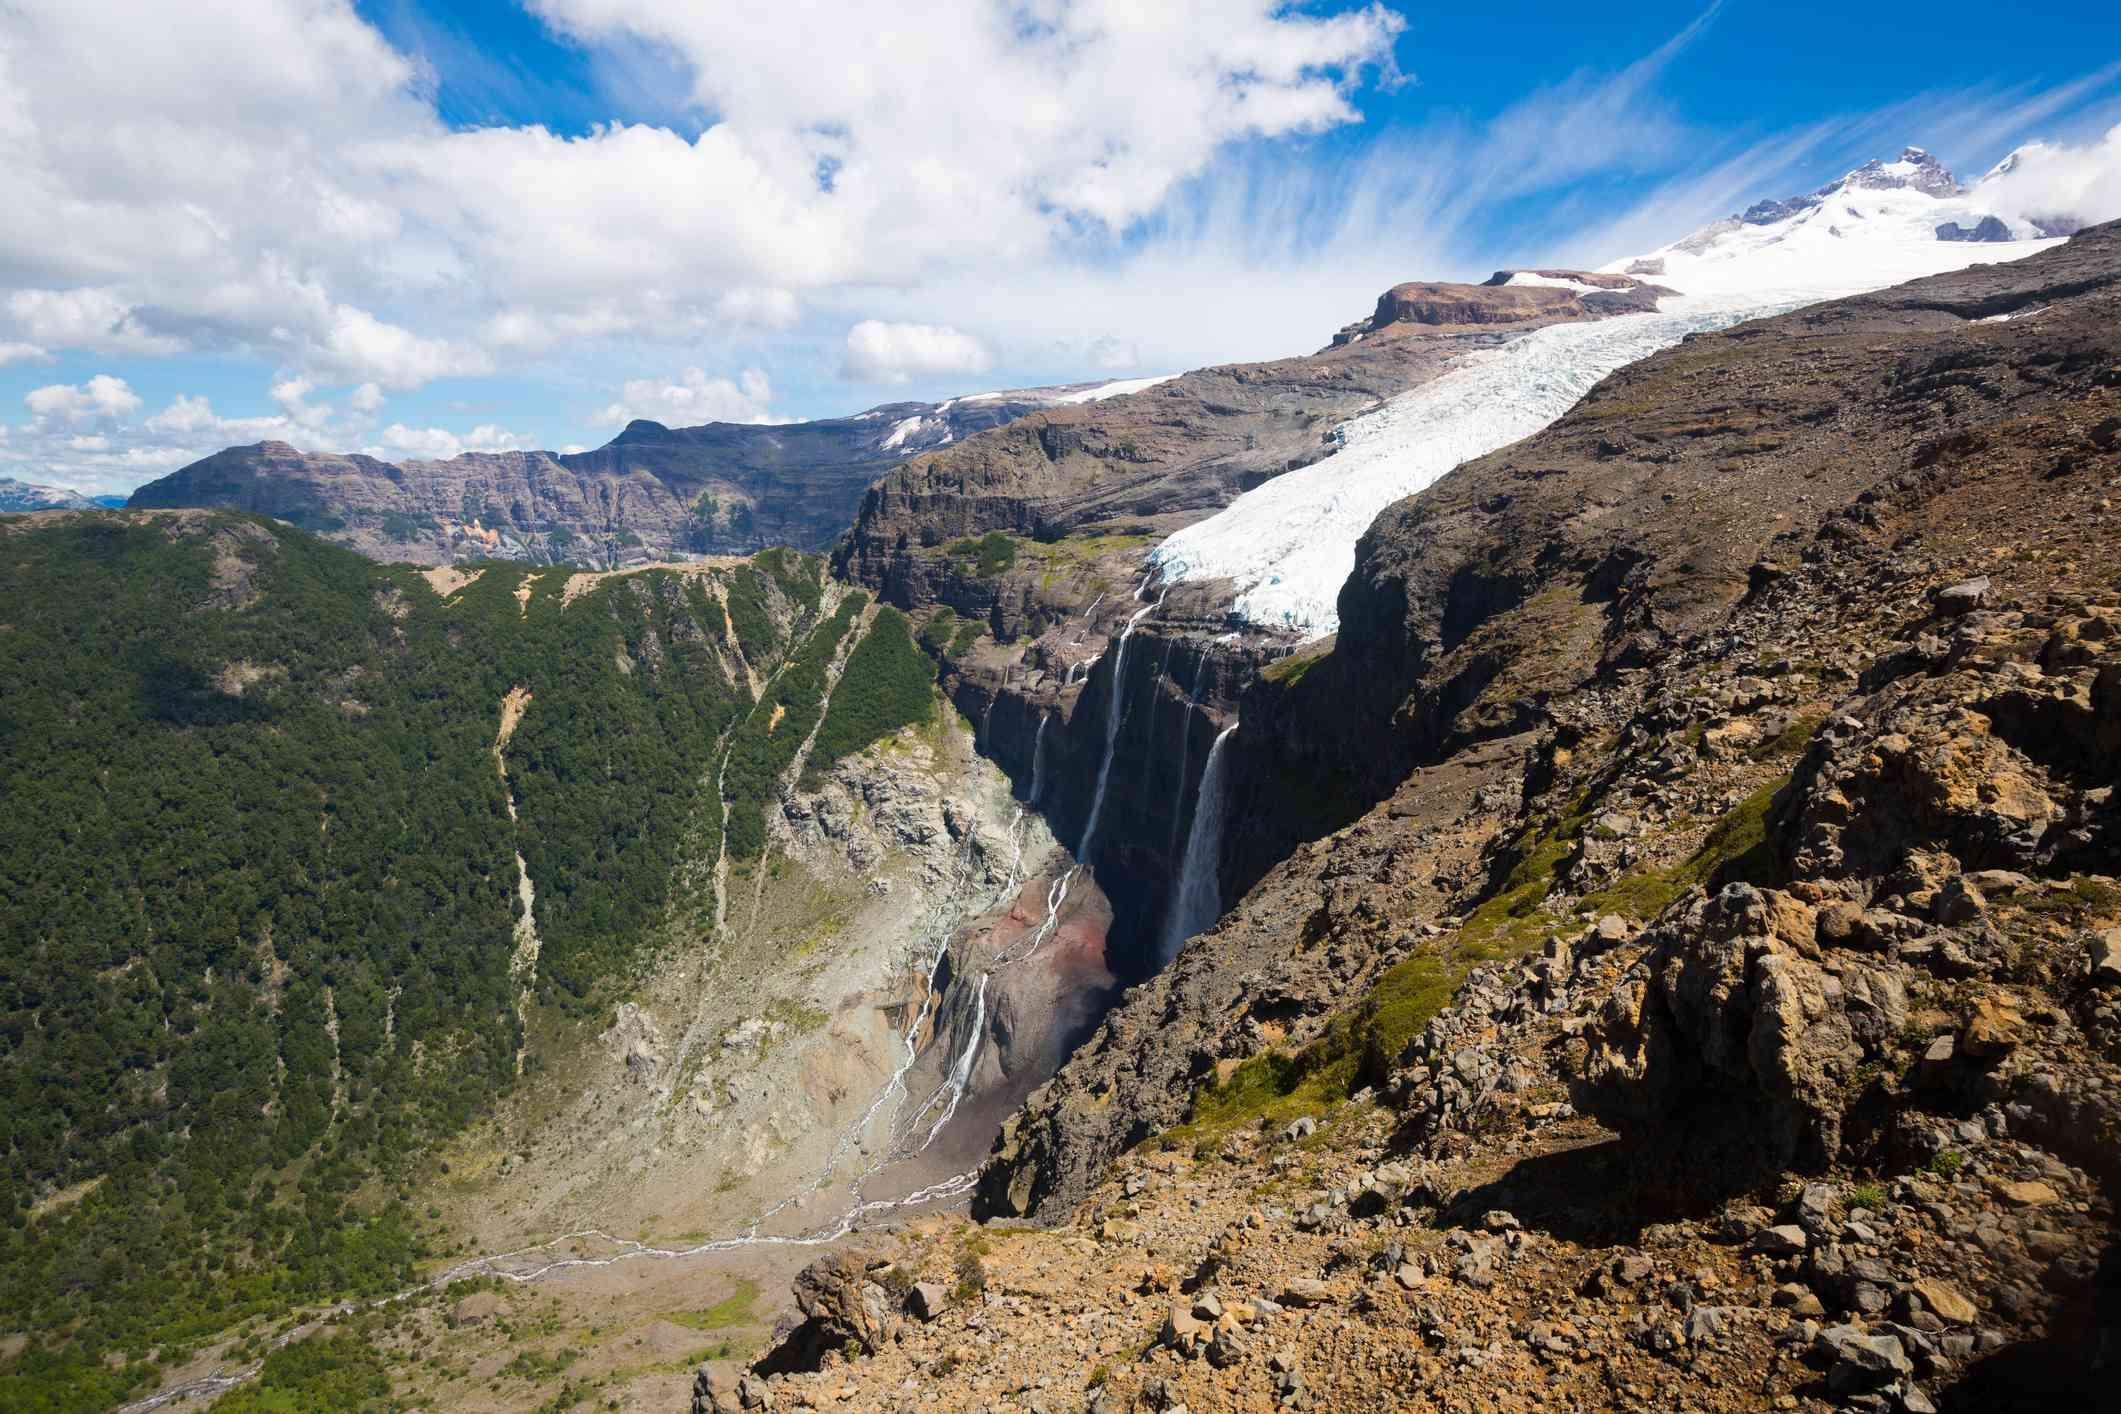 Mount Tronador and Glaciers